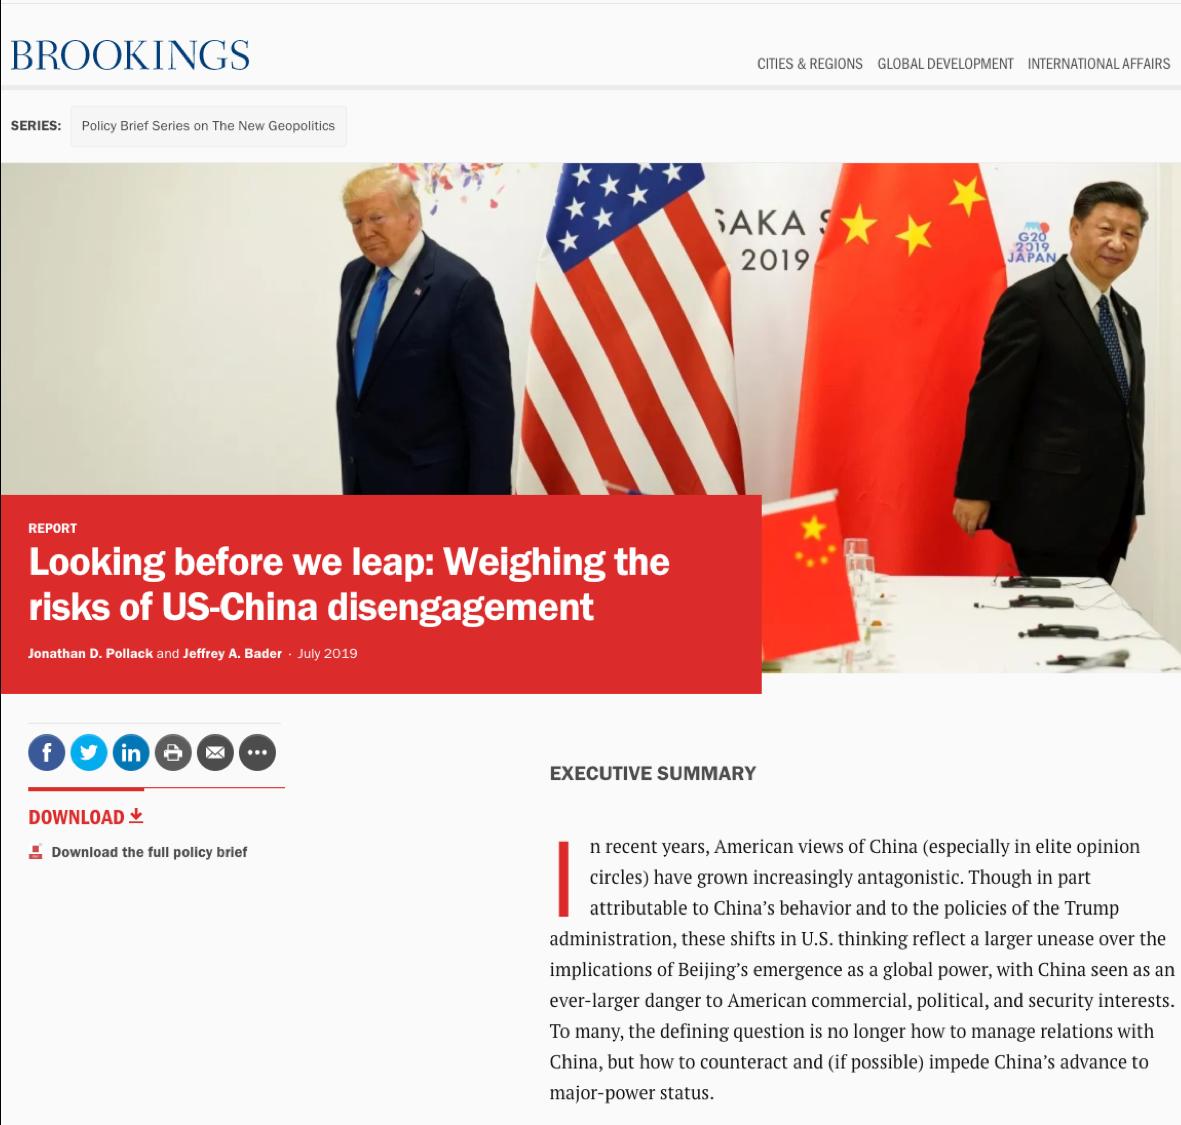 BrookingsWebpage.png